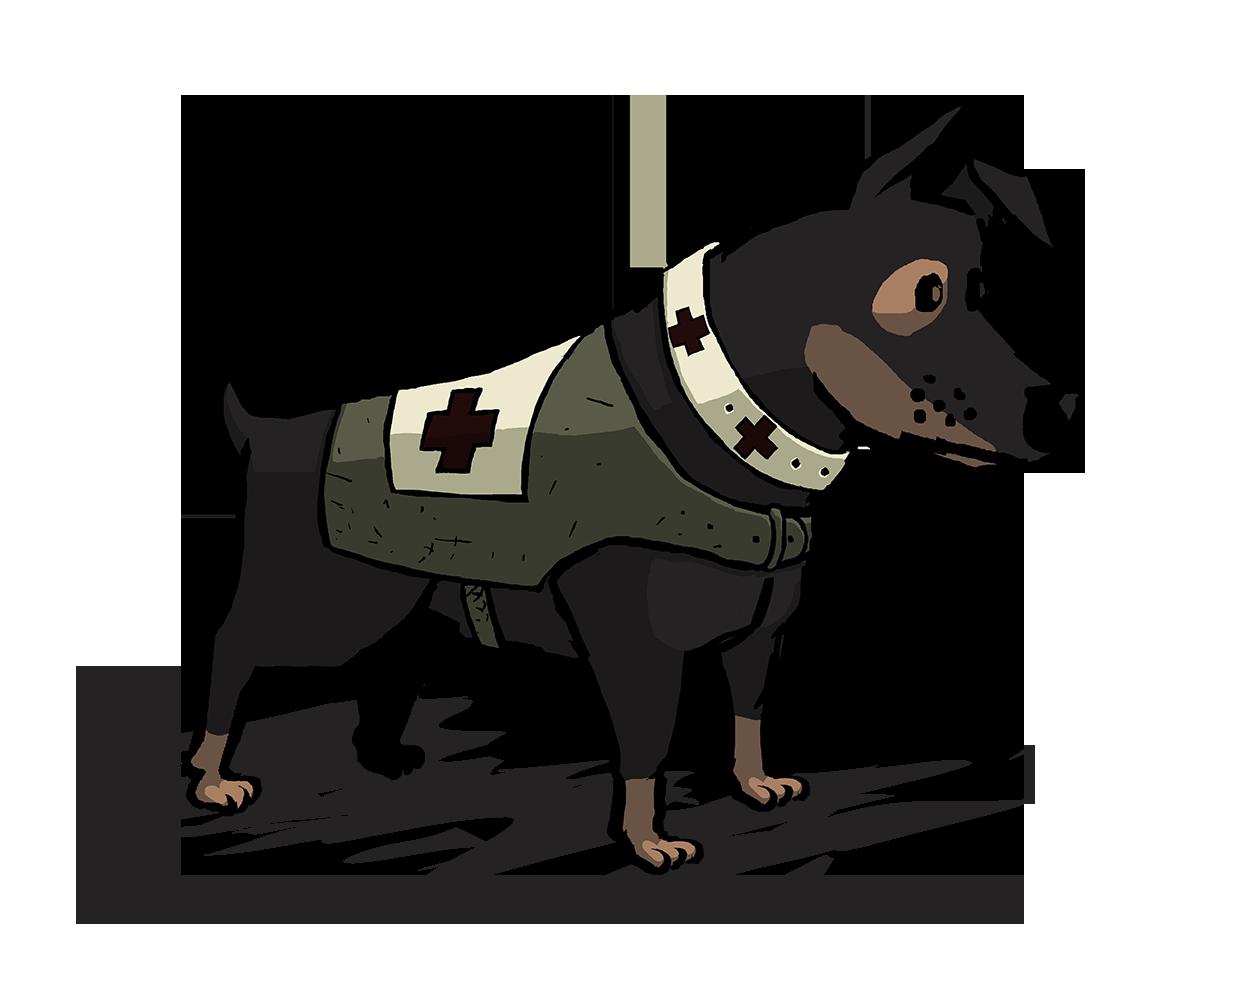 Walt, a dog.